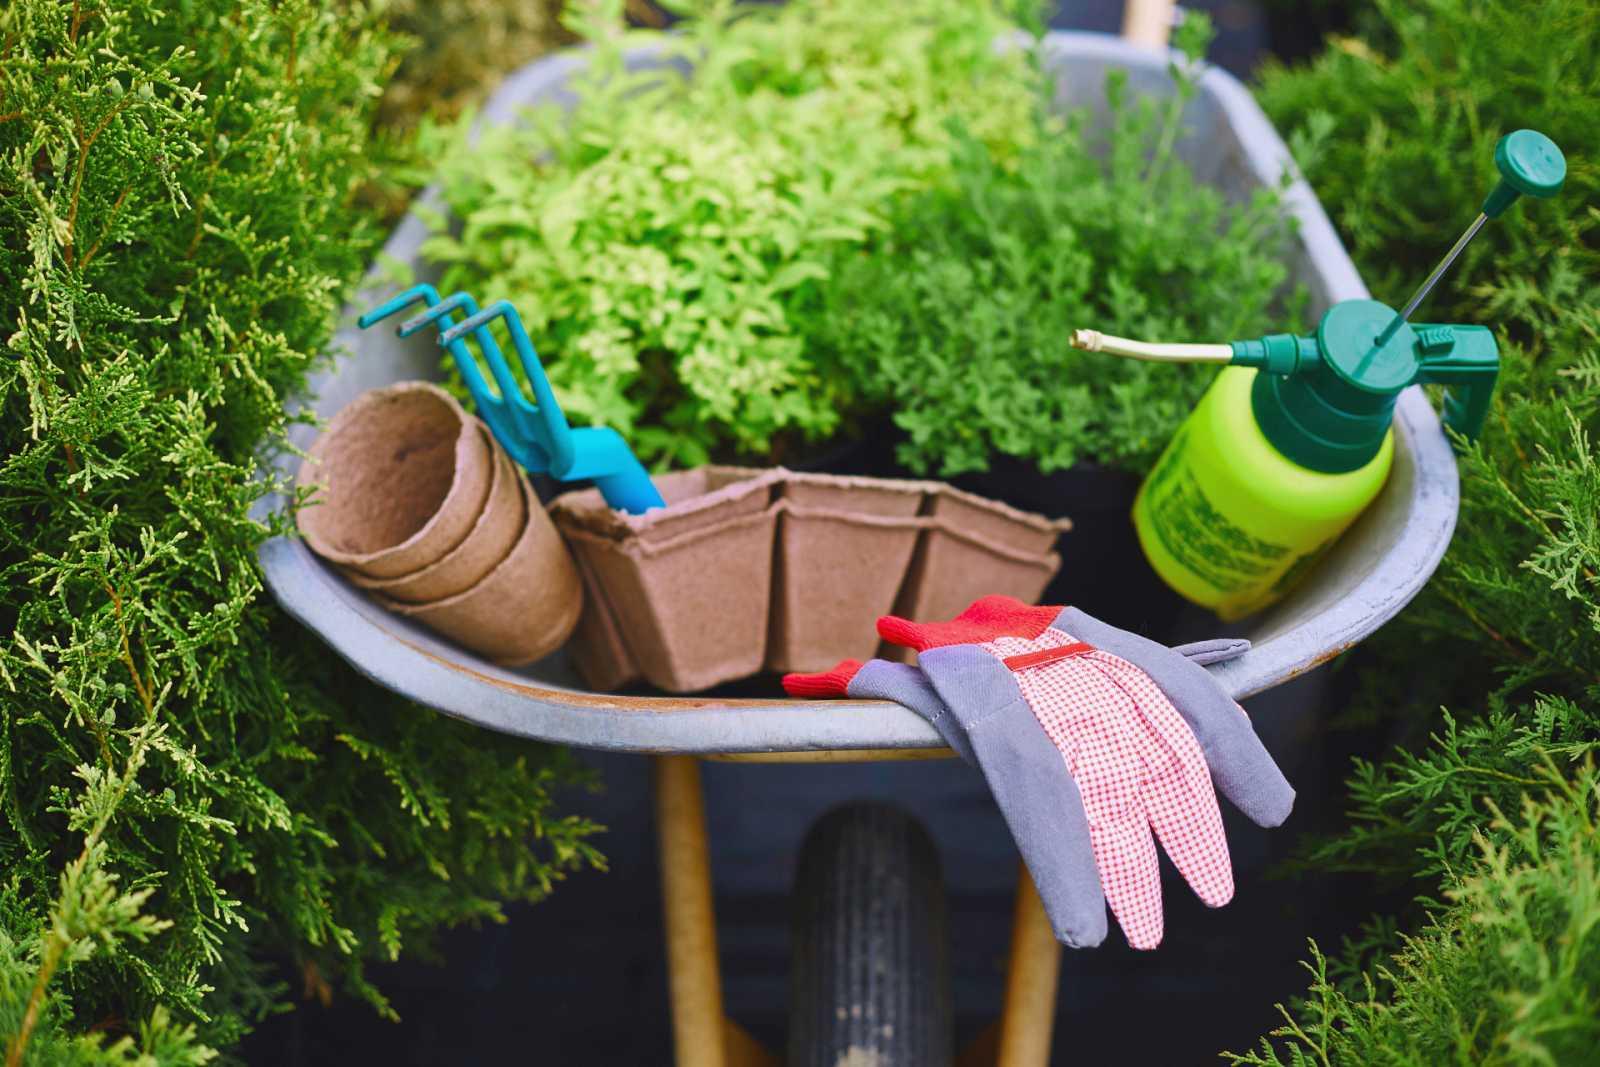 Trucos de jardinería: ¡manos a la obra!